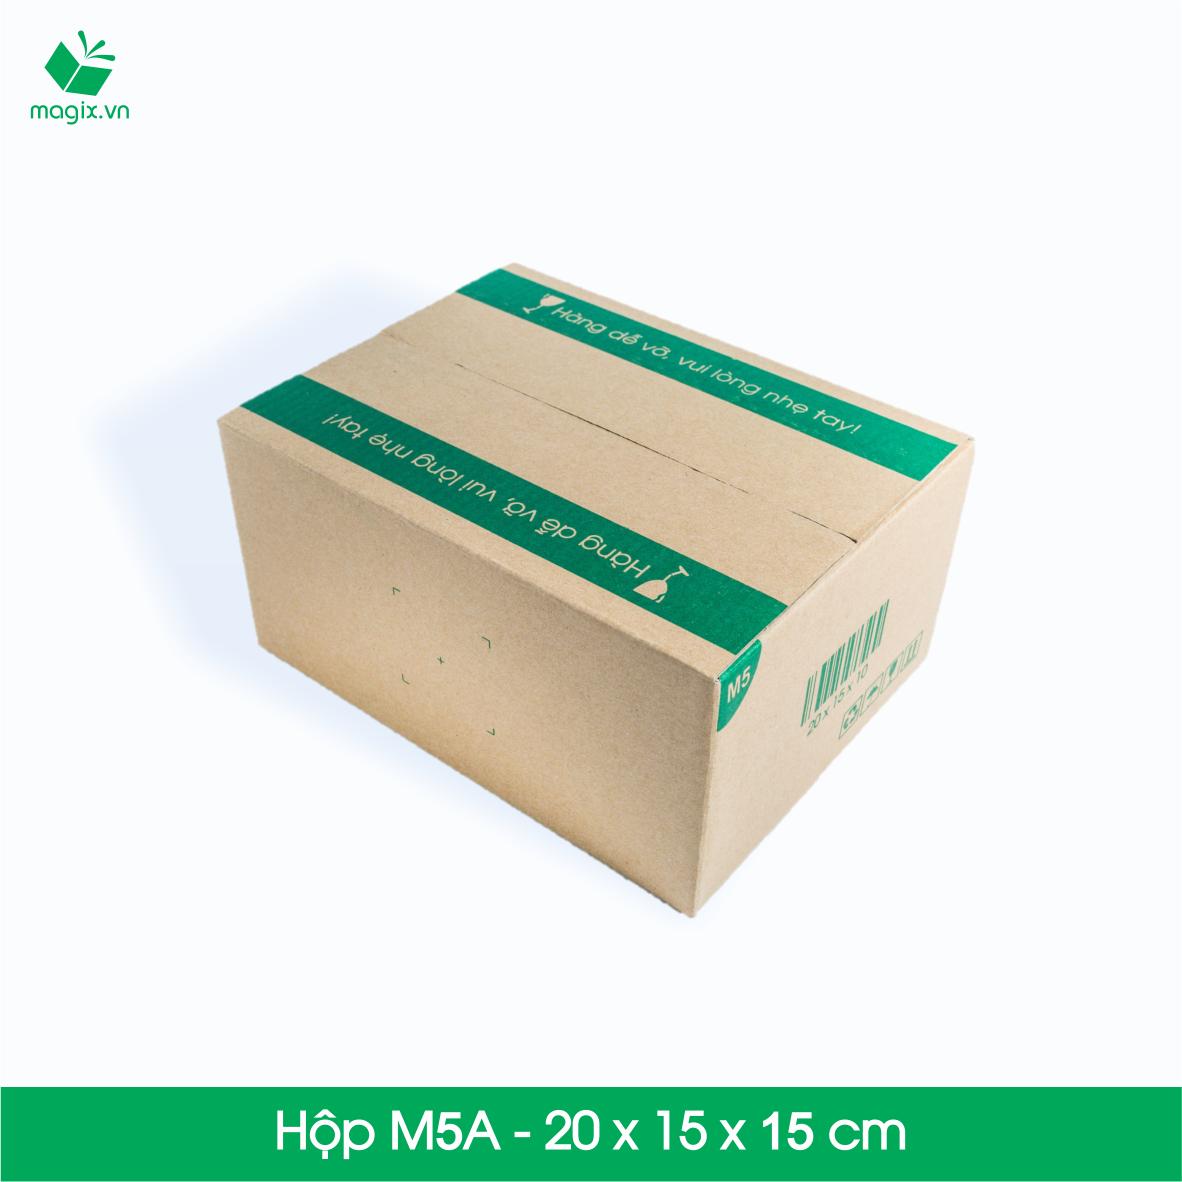 Đến với Magix có rất nhiều mẫu thùng carton giá rẻ cho bạn lựa chọn